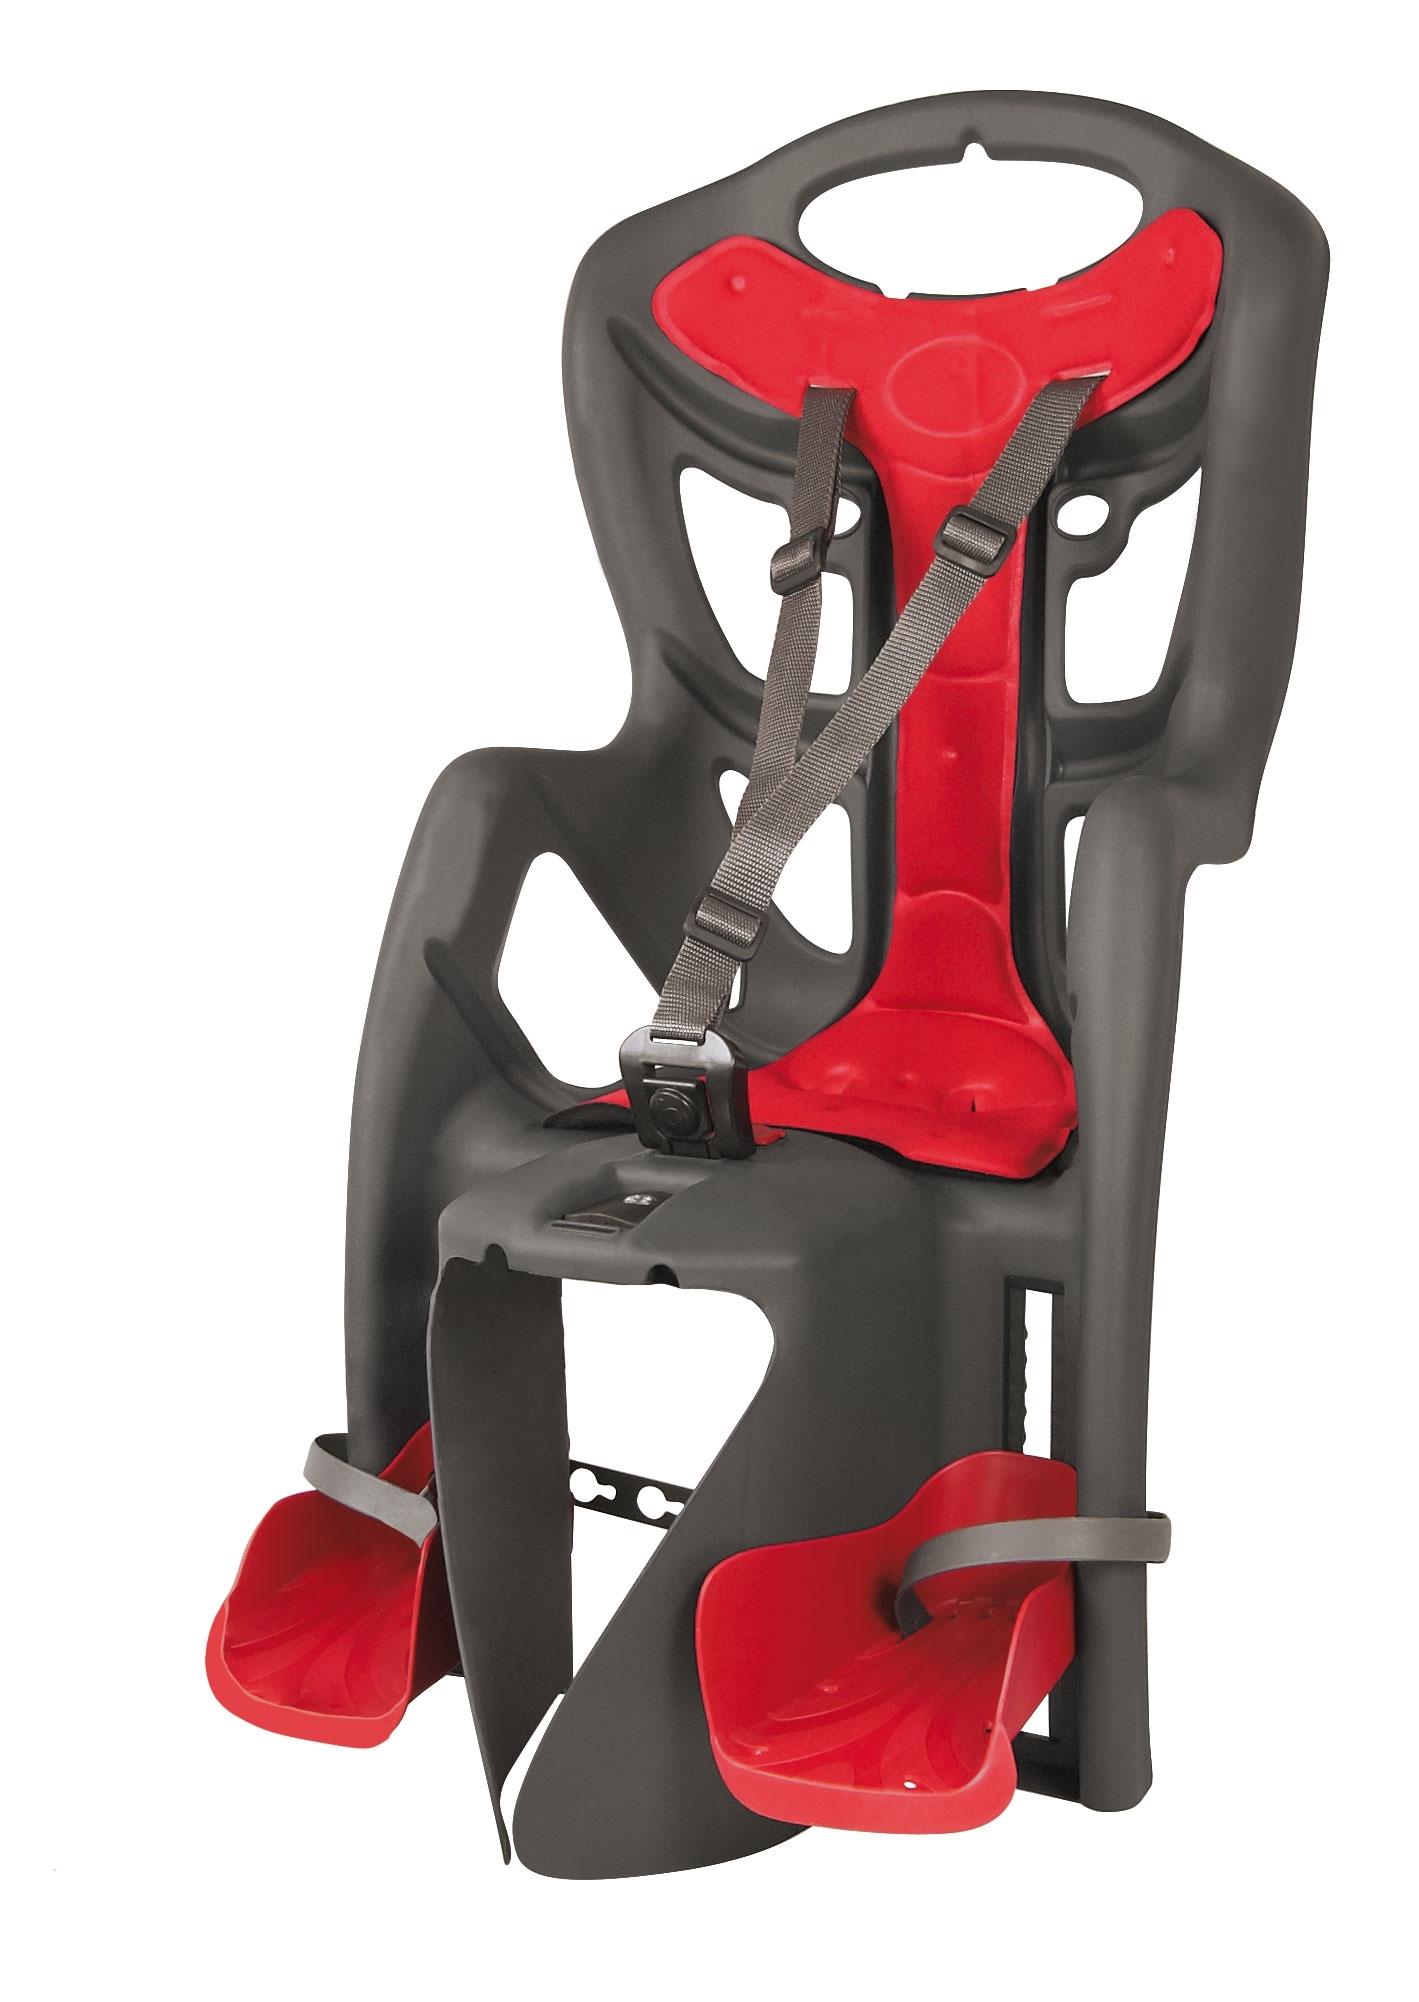 sedačka PEPE CLAMP zadní na nosič, šedá/červený